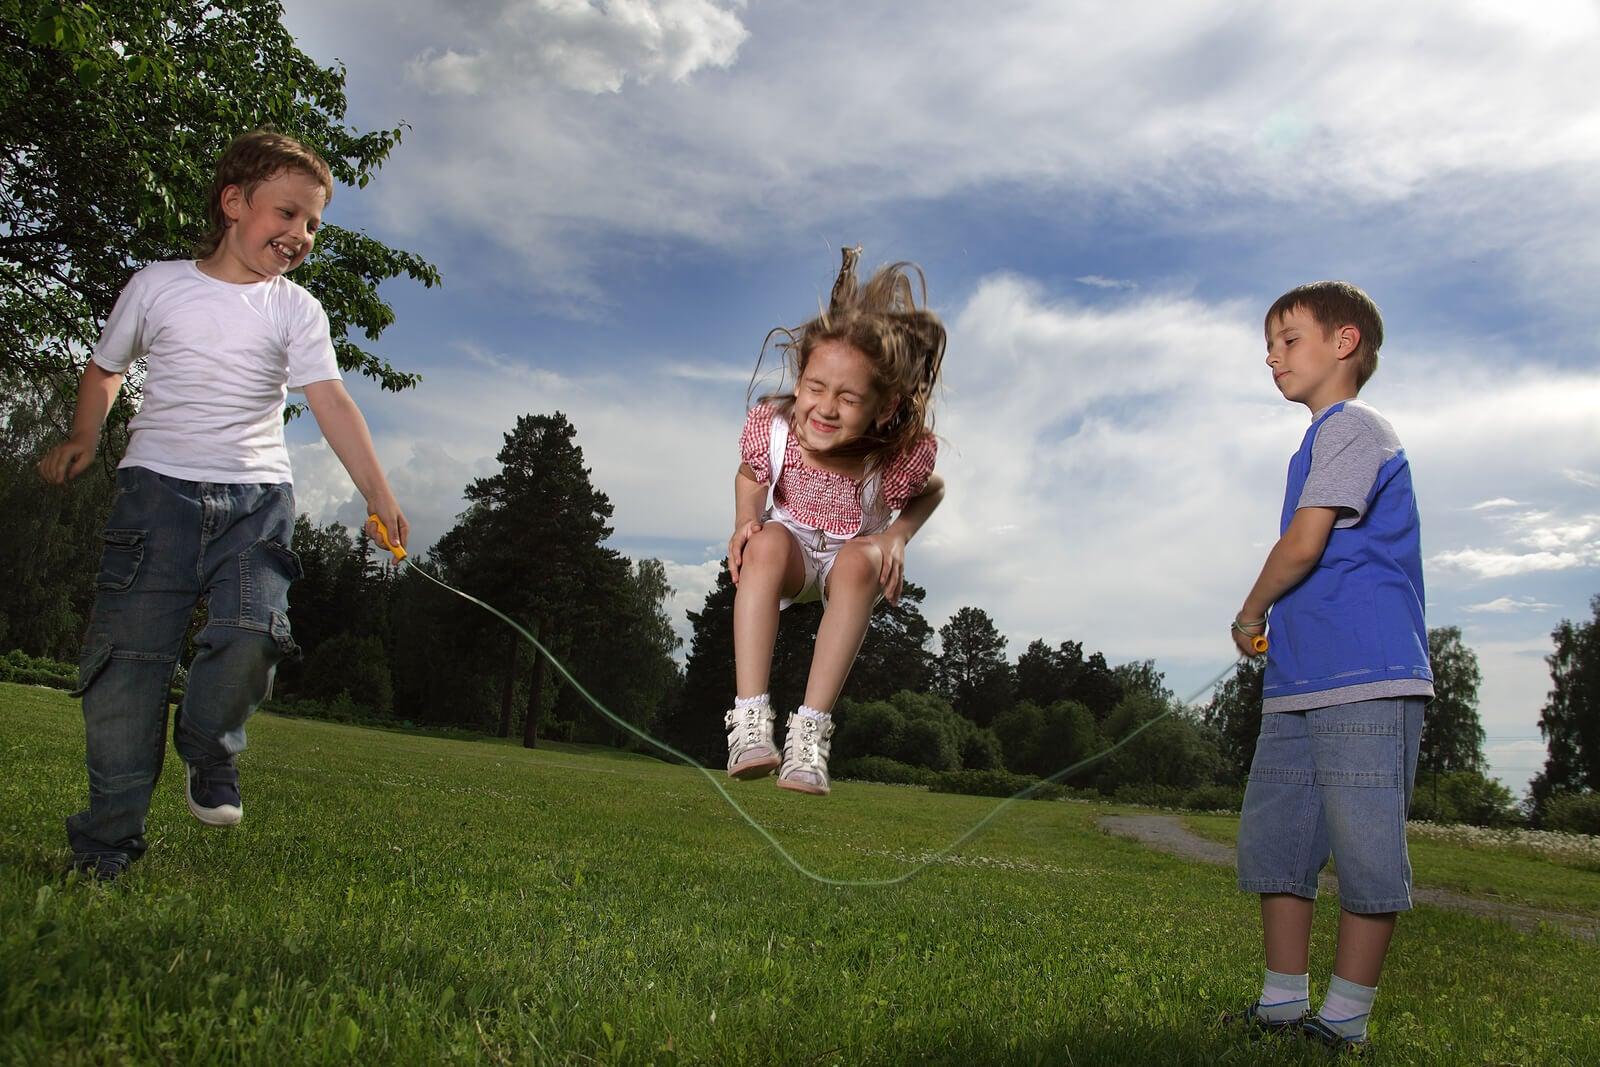 Niños saltando a la cuerda para mejorar la coordinación mano-ojo.